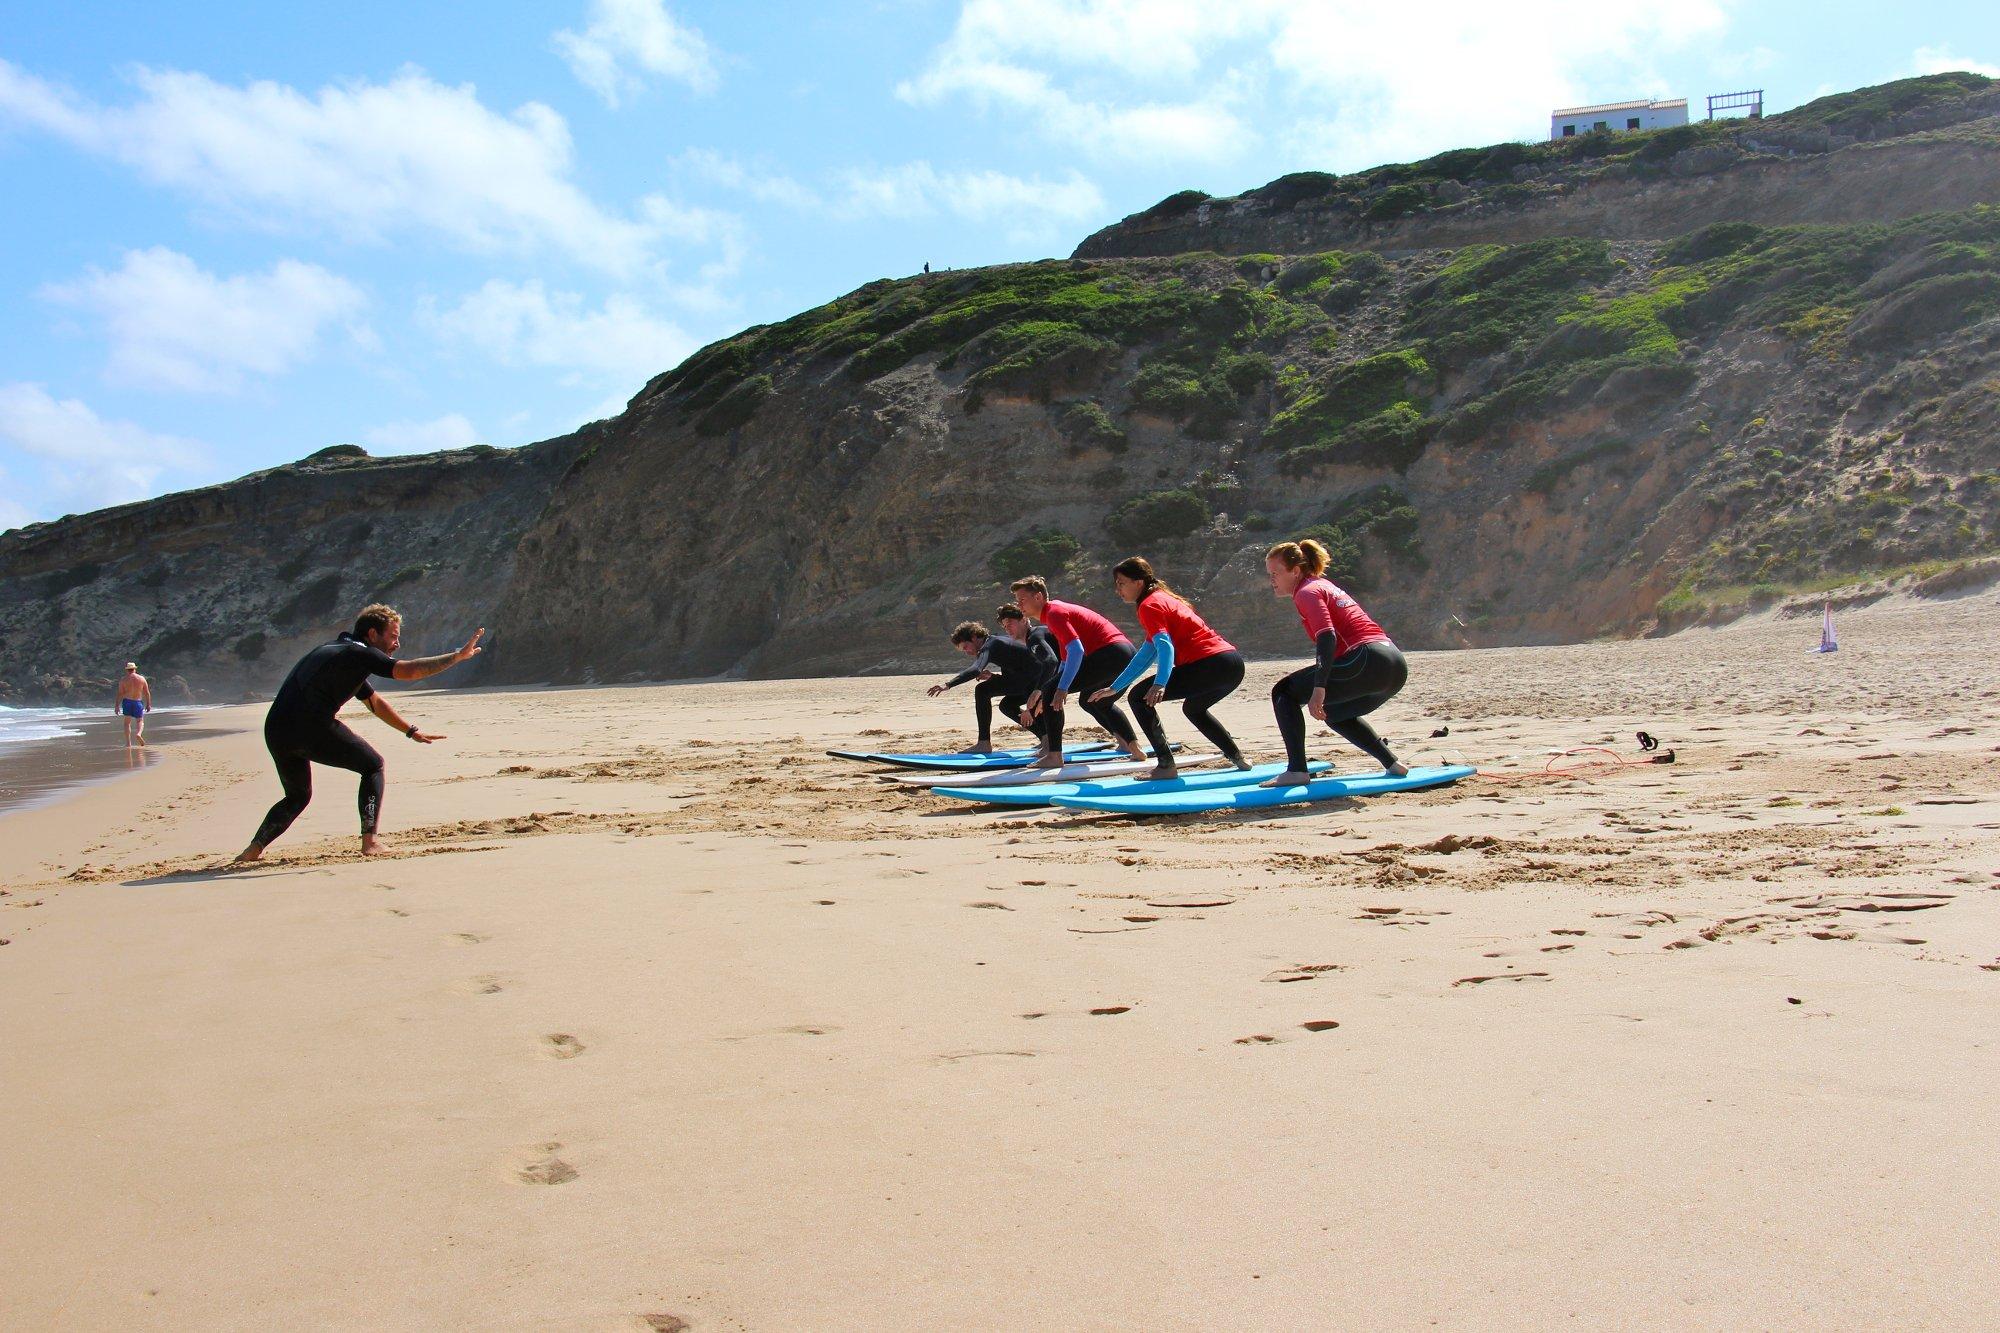 Egal ob du dich für einen Surfkurs oder für Spotguiding entscheidest – die Strände rund um Arrifana haben für jedes Level die passende Welle im Angebot!